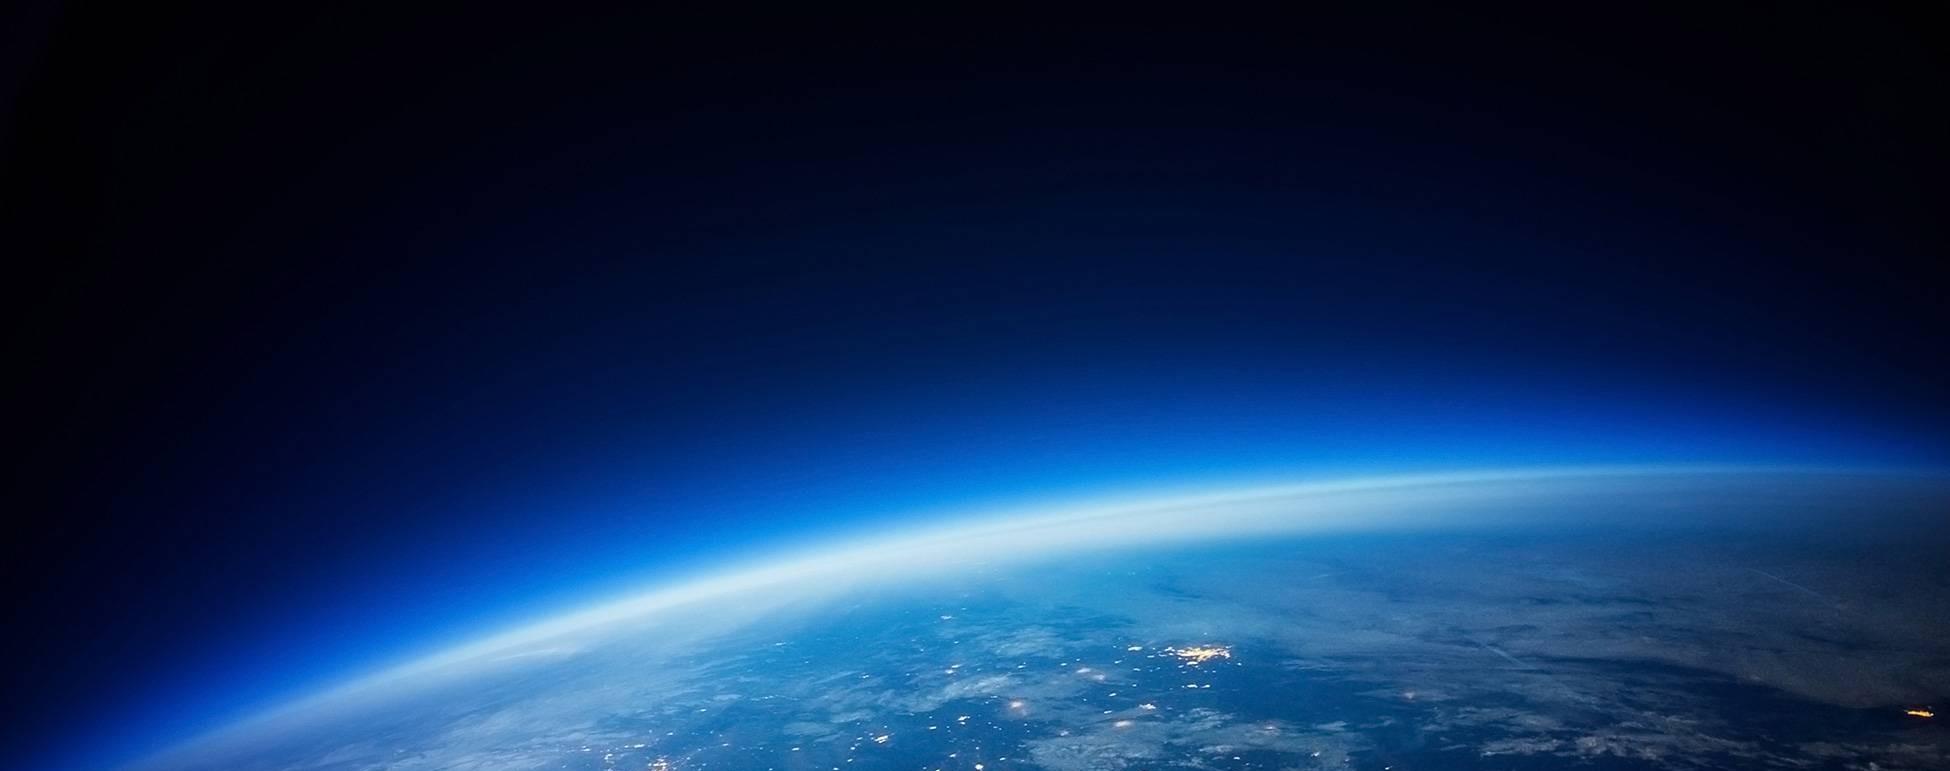 Jorden blåtonad svart himmel